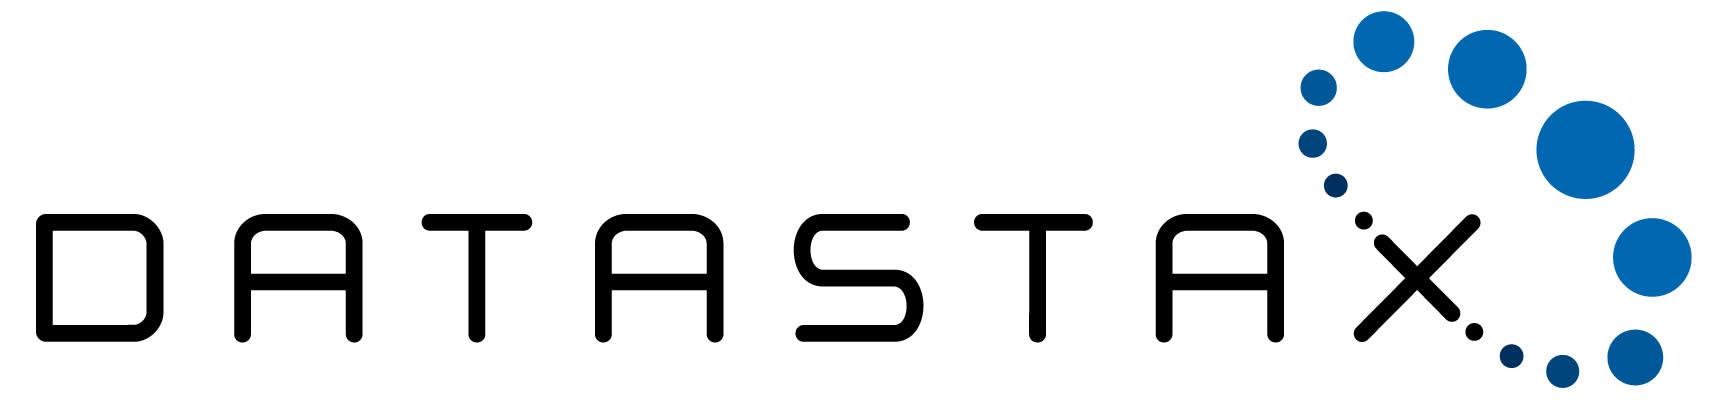 DataStax | Crunchbase